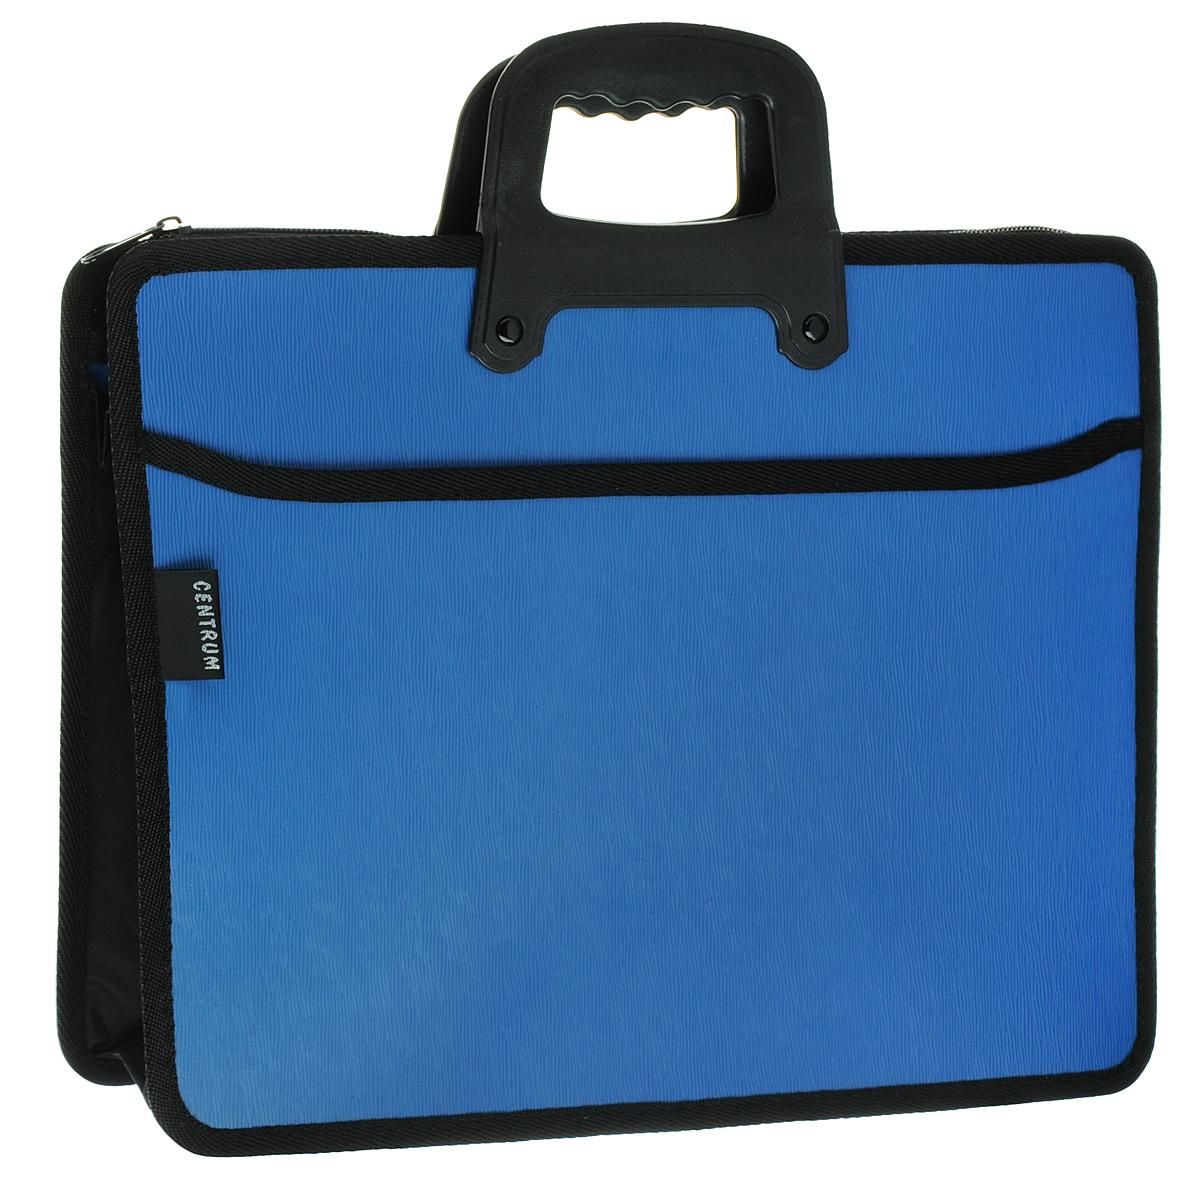 Centrum Папка-портфель на молнии с ручкой цвет голубой82263СинПапка-портфель Centrum станет вашим верным помощником дома и в офисе. Это удобный и функциональный инструмент, предназначенный для хранения и транспортировки больших объемов рабочих бумаг и документов формата А4. Папка изготовлена из износостойкого высококачественного пластика толщиной 0,90 мм, и закрывается на застежку-молнию. Состоит из 2 объемных отделений, разделенных пластиковой перегородкой. На тыльной и фронтальной сторонах папки расположены открытые карманы. Папка оформлена тиснением под дерево. Грани папки отделаны полиэстером, а уголки закруглены для обеспечения дополнительной прочности и сохранности опрятного вида папки. Папка имеет удобную ручку для переноски с вырубками для комфортного захвата. Папка - это незаменимый атрибут для любого студента, школьника или офисного работника. Такая папка надежно сохранит ваши бумаги и сбережет их от повреждений, пыли и влаги.